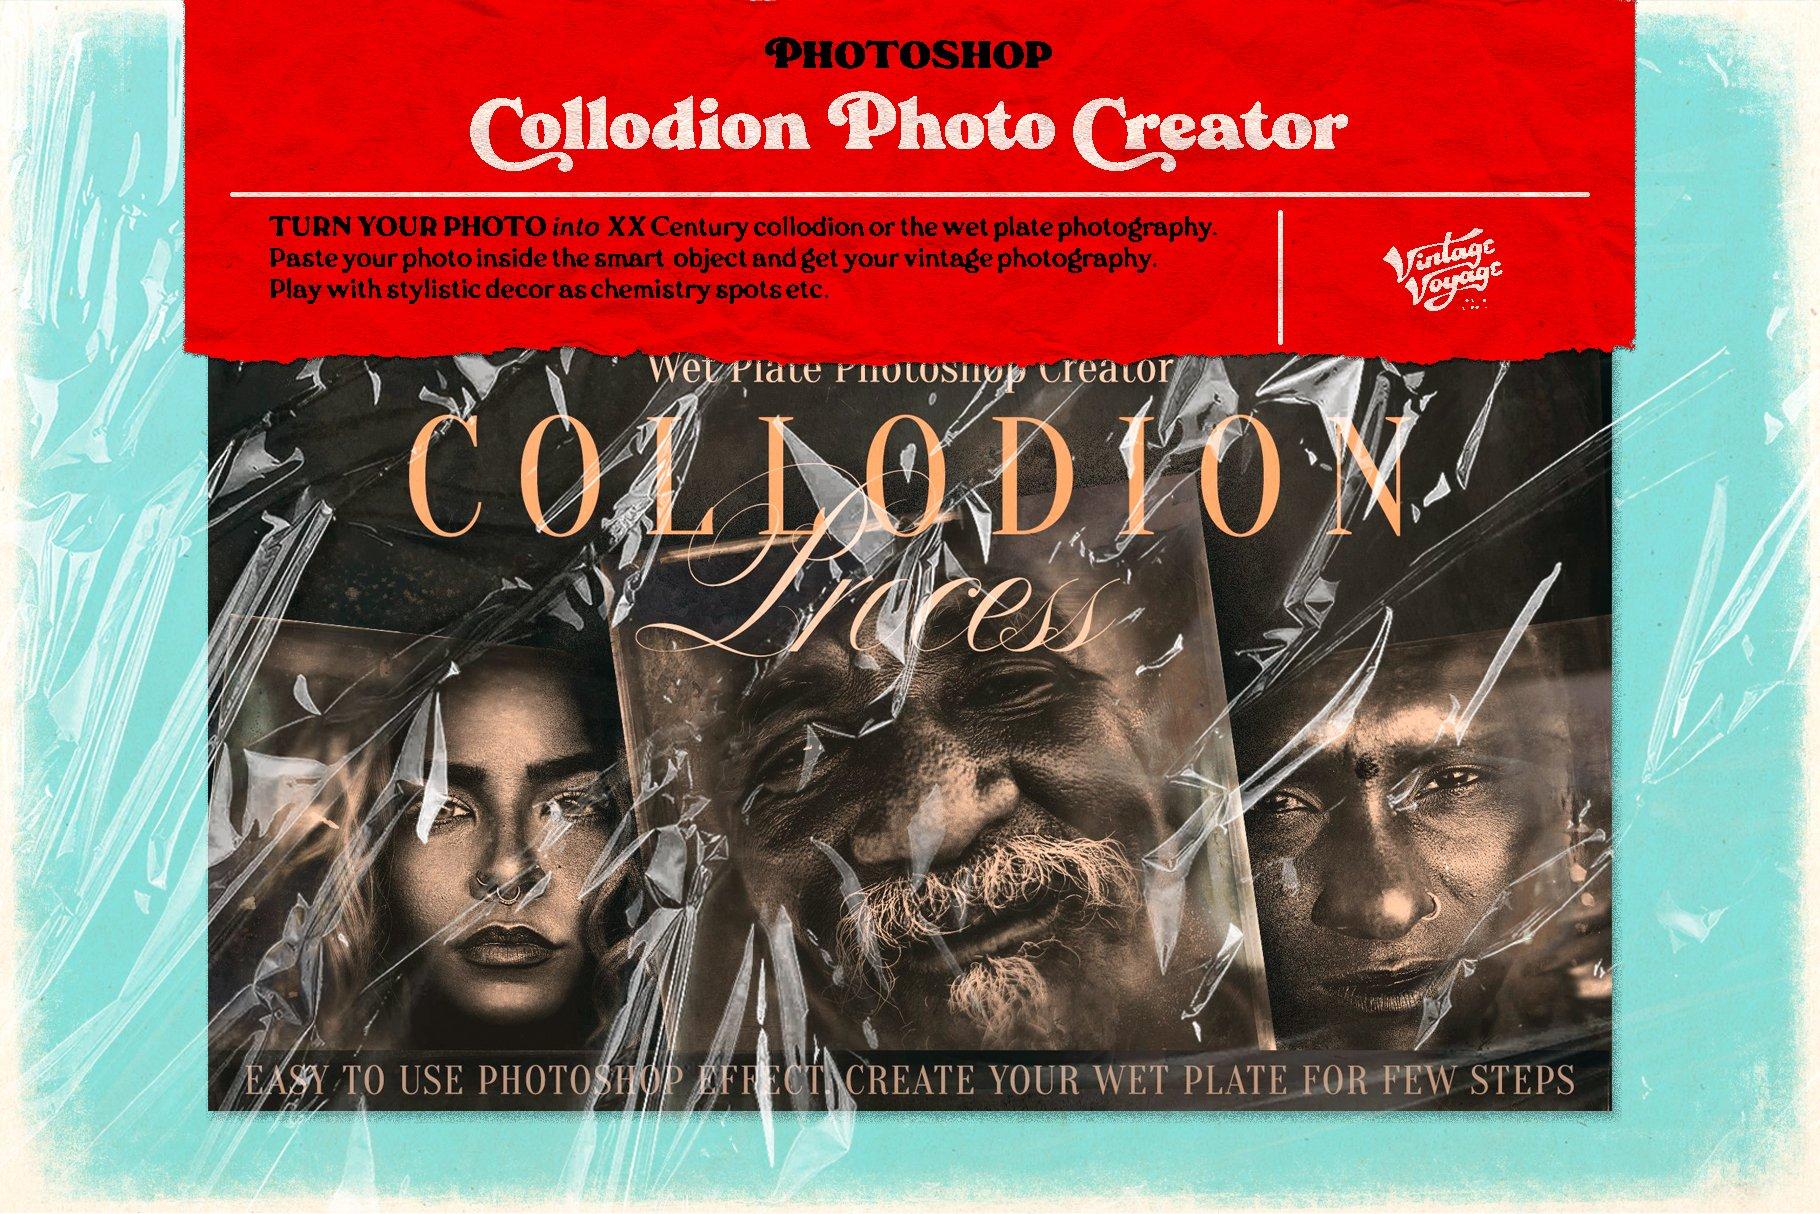 7款潮流素描水彩半调胶片艺术海报效果照片处理特效PS素材套装 Photoshop Creator's Bundle • 7 in 1插图9